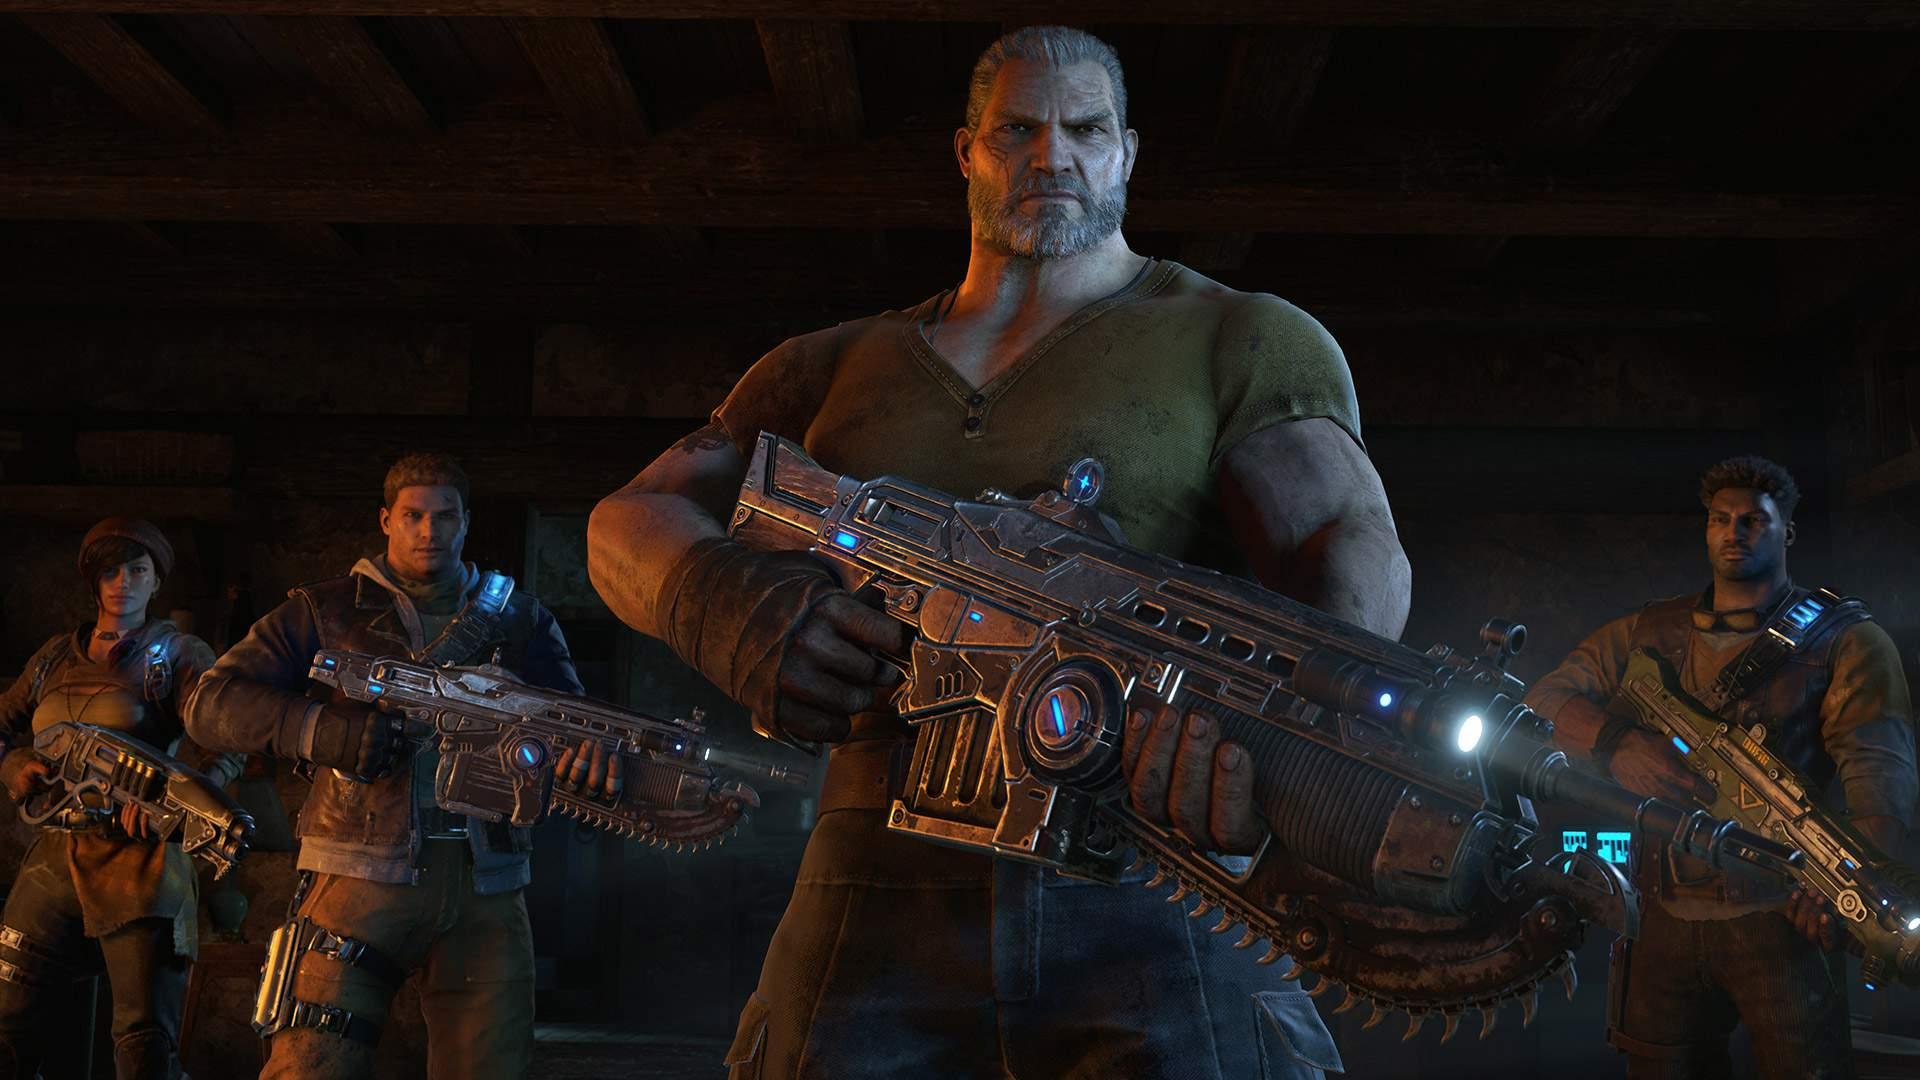 افر و زمان Gear Of War 4 Free Trial هفته اینده اغاز میشود